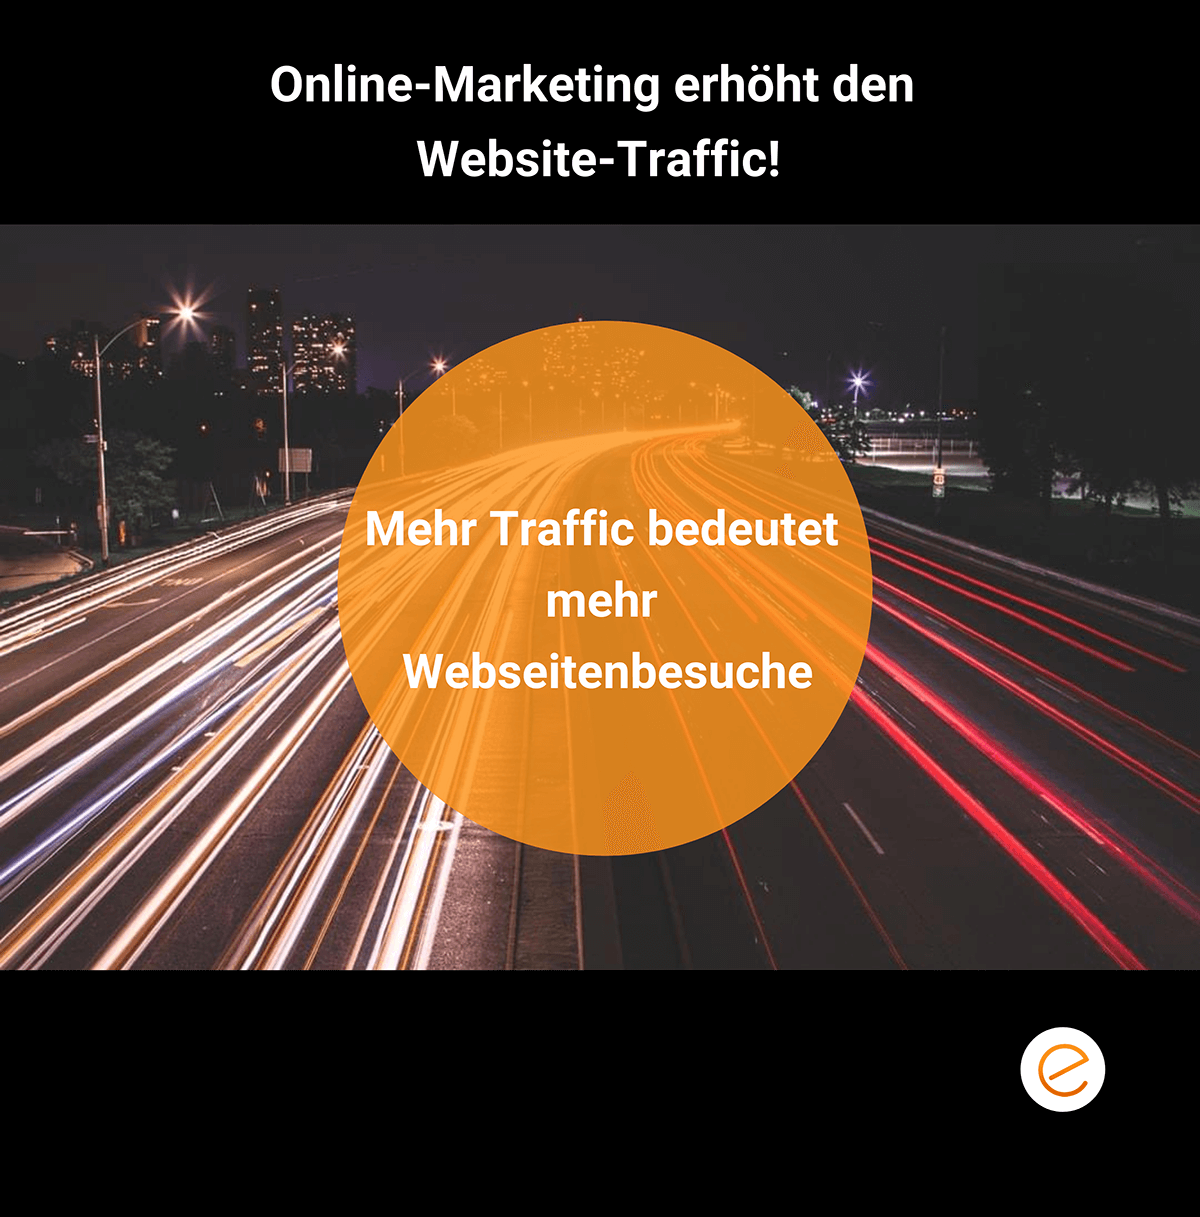 Website Marketing erhöht Traffic